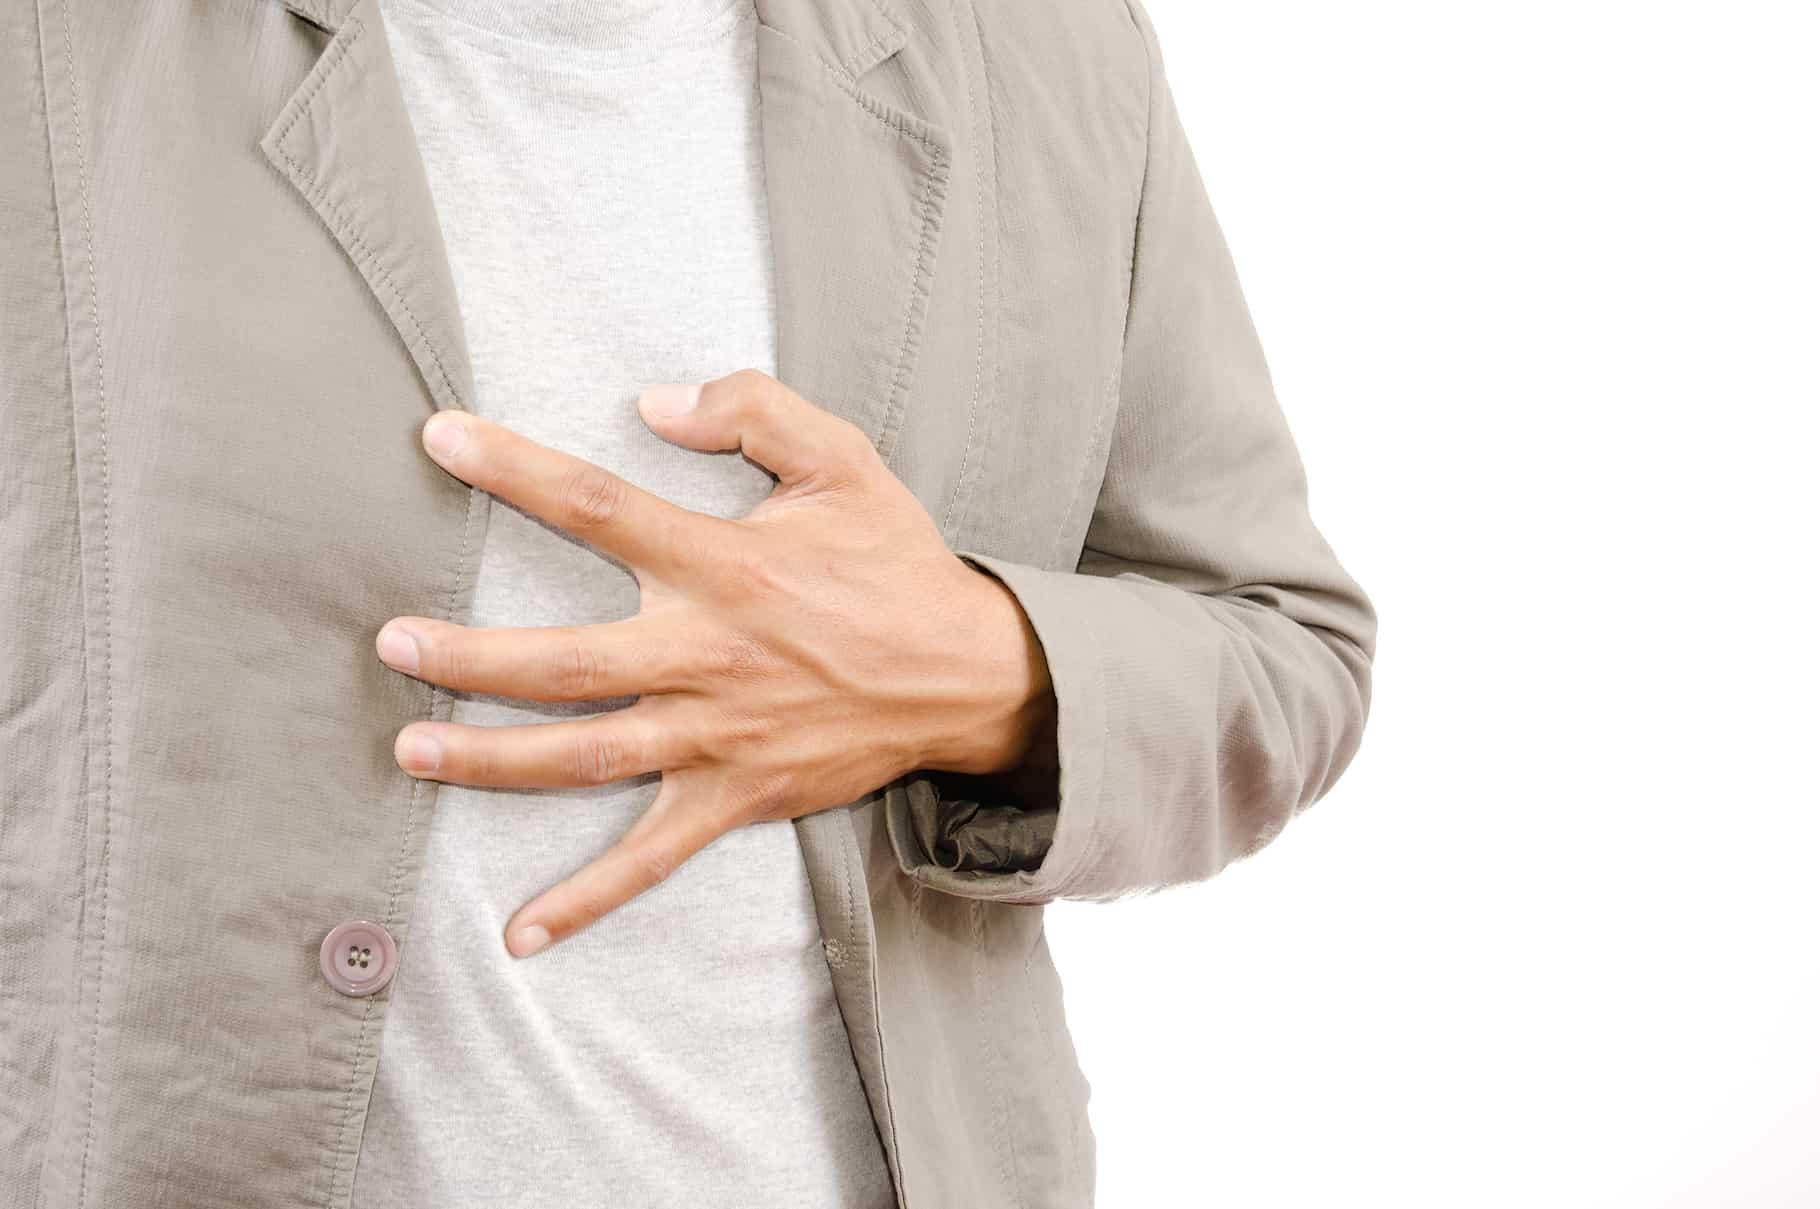 Ból w klatce piersiowej poprzedzony zaburzeniami erekcji